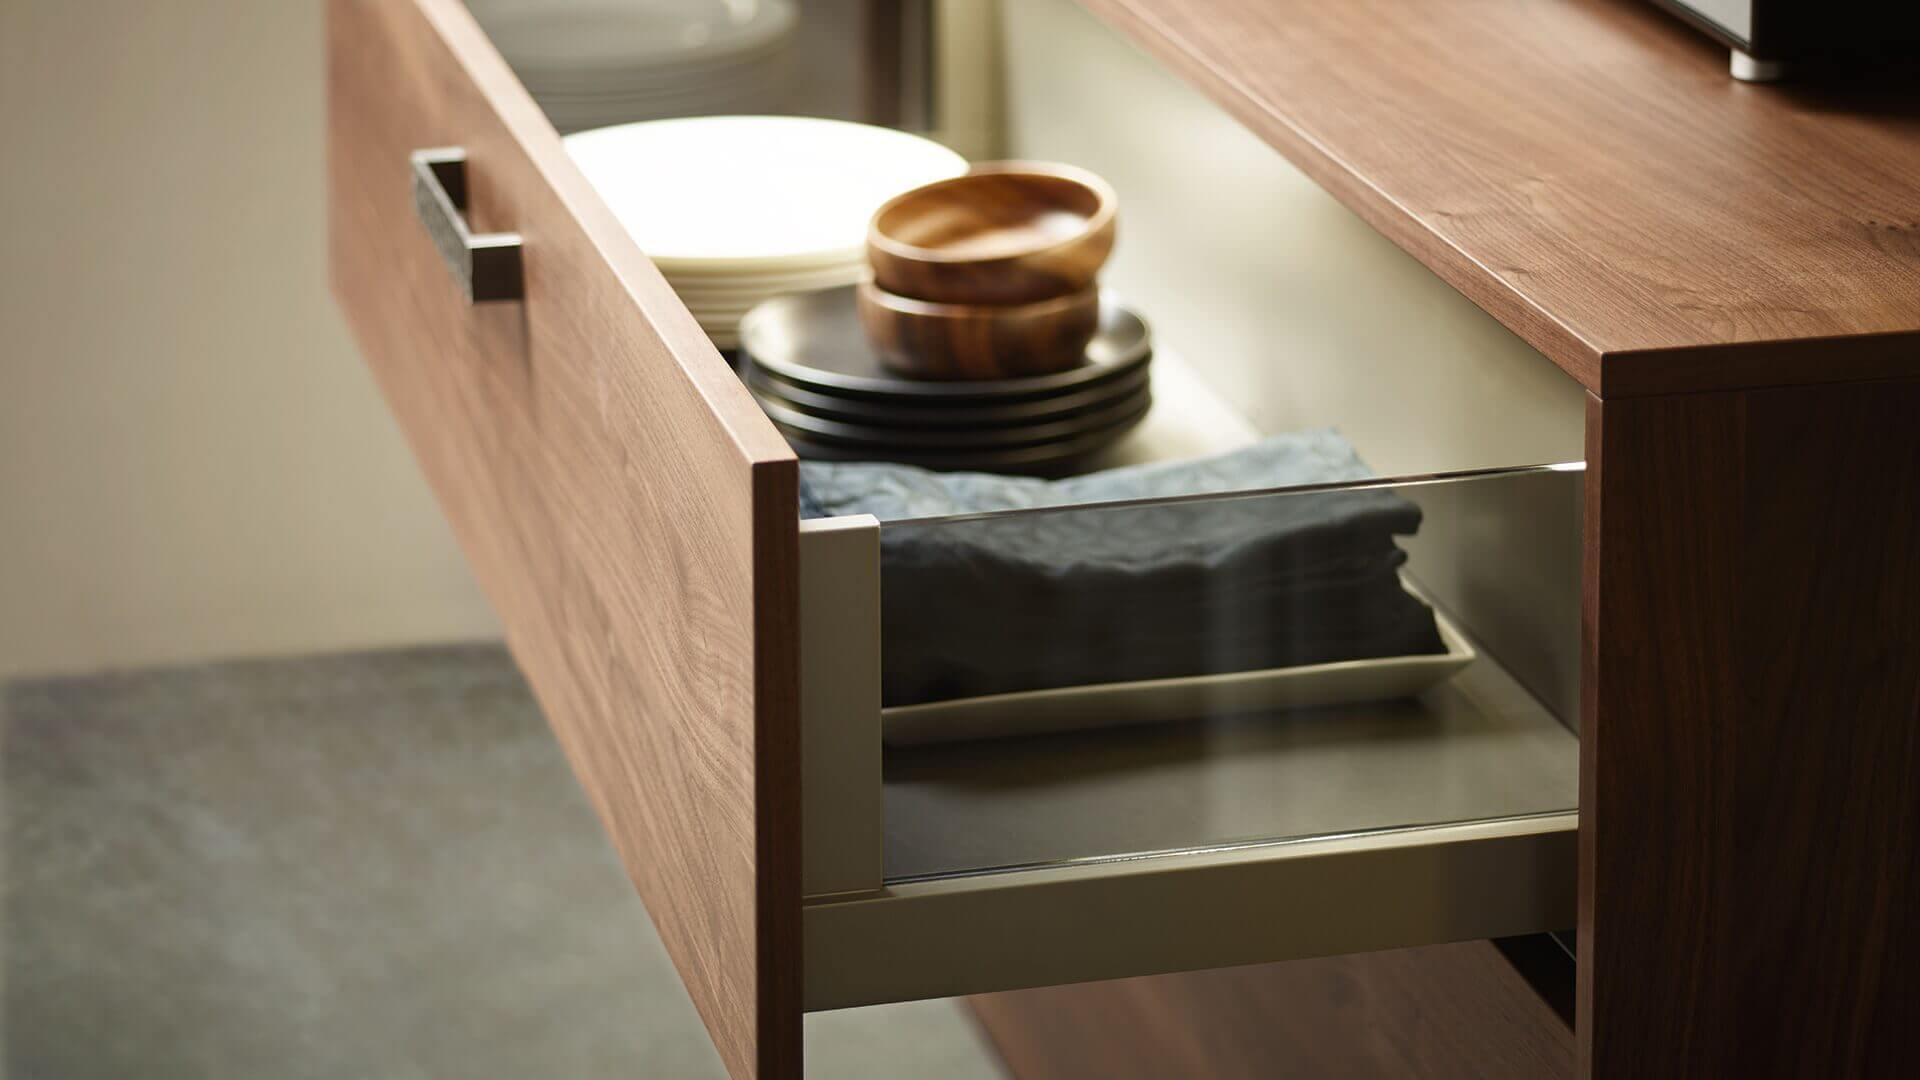 Schubladen mit Glasseiten verhindern seitliches Herausrutschen und sehen besser aus als die klassischen Schienen.